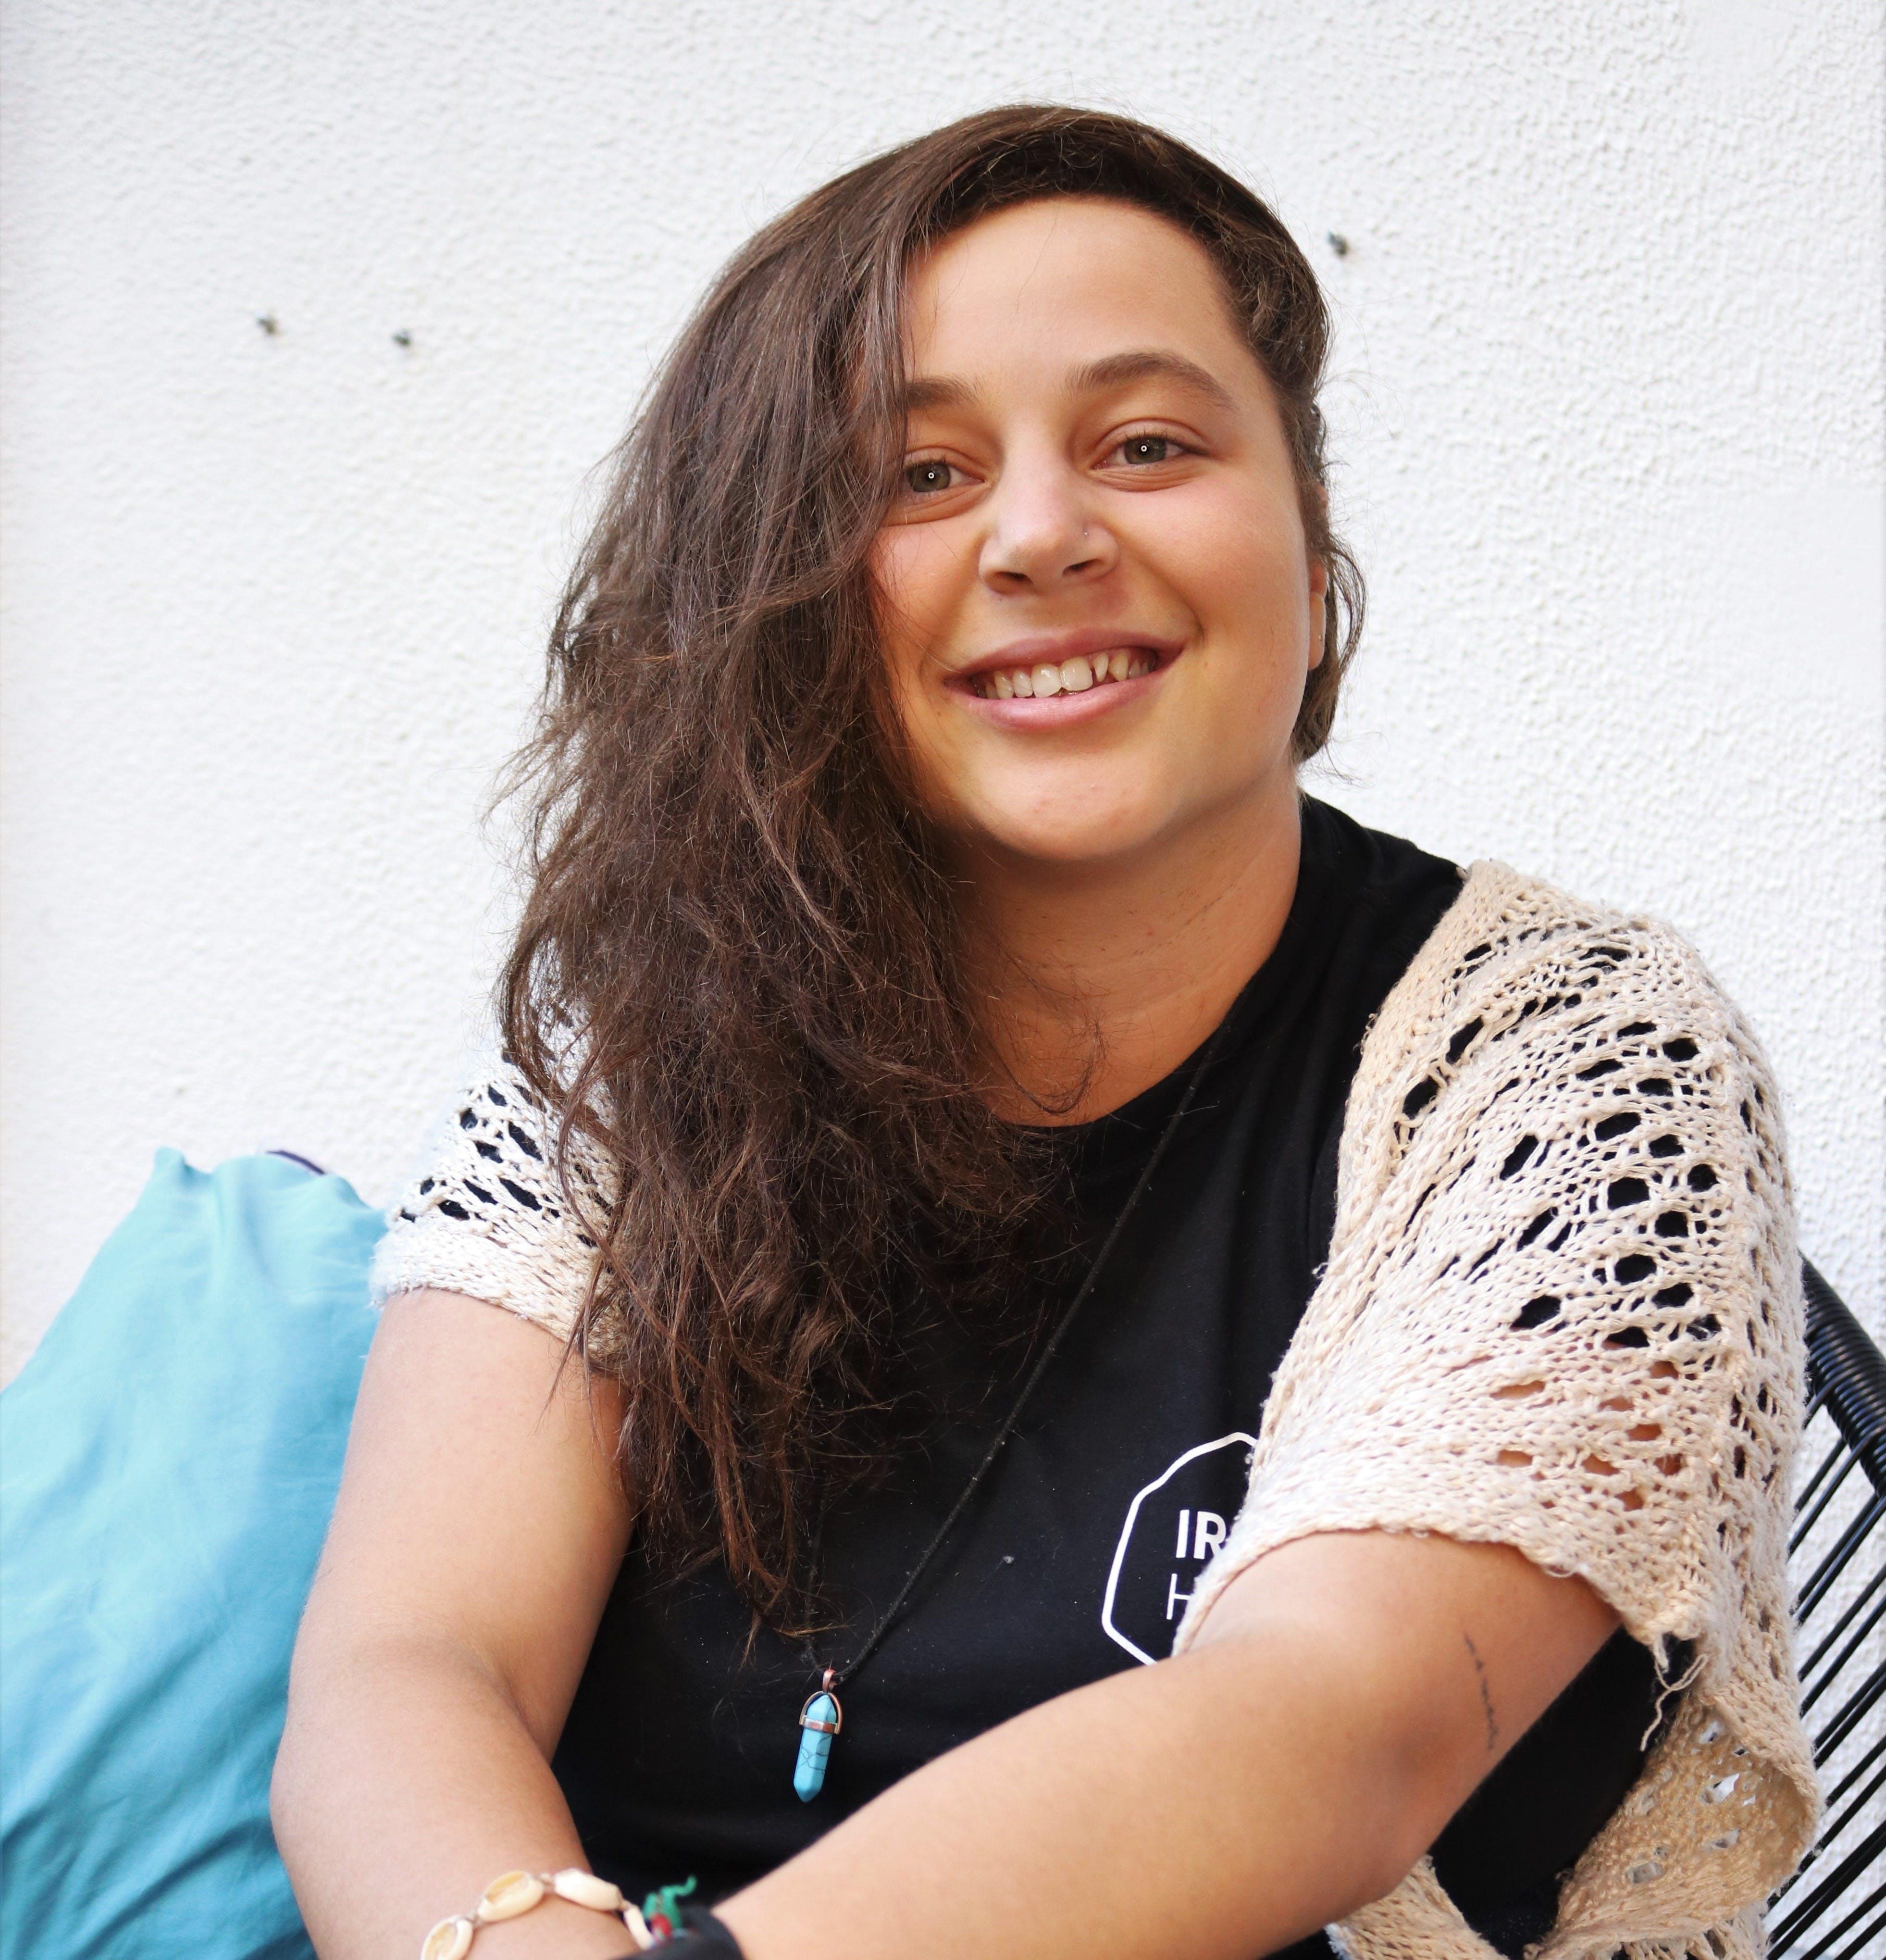 Isabella Paiva